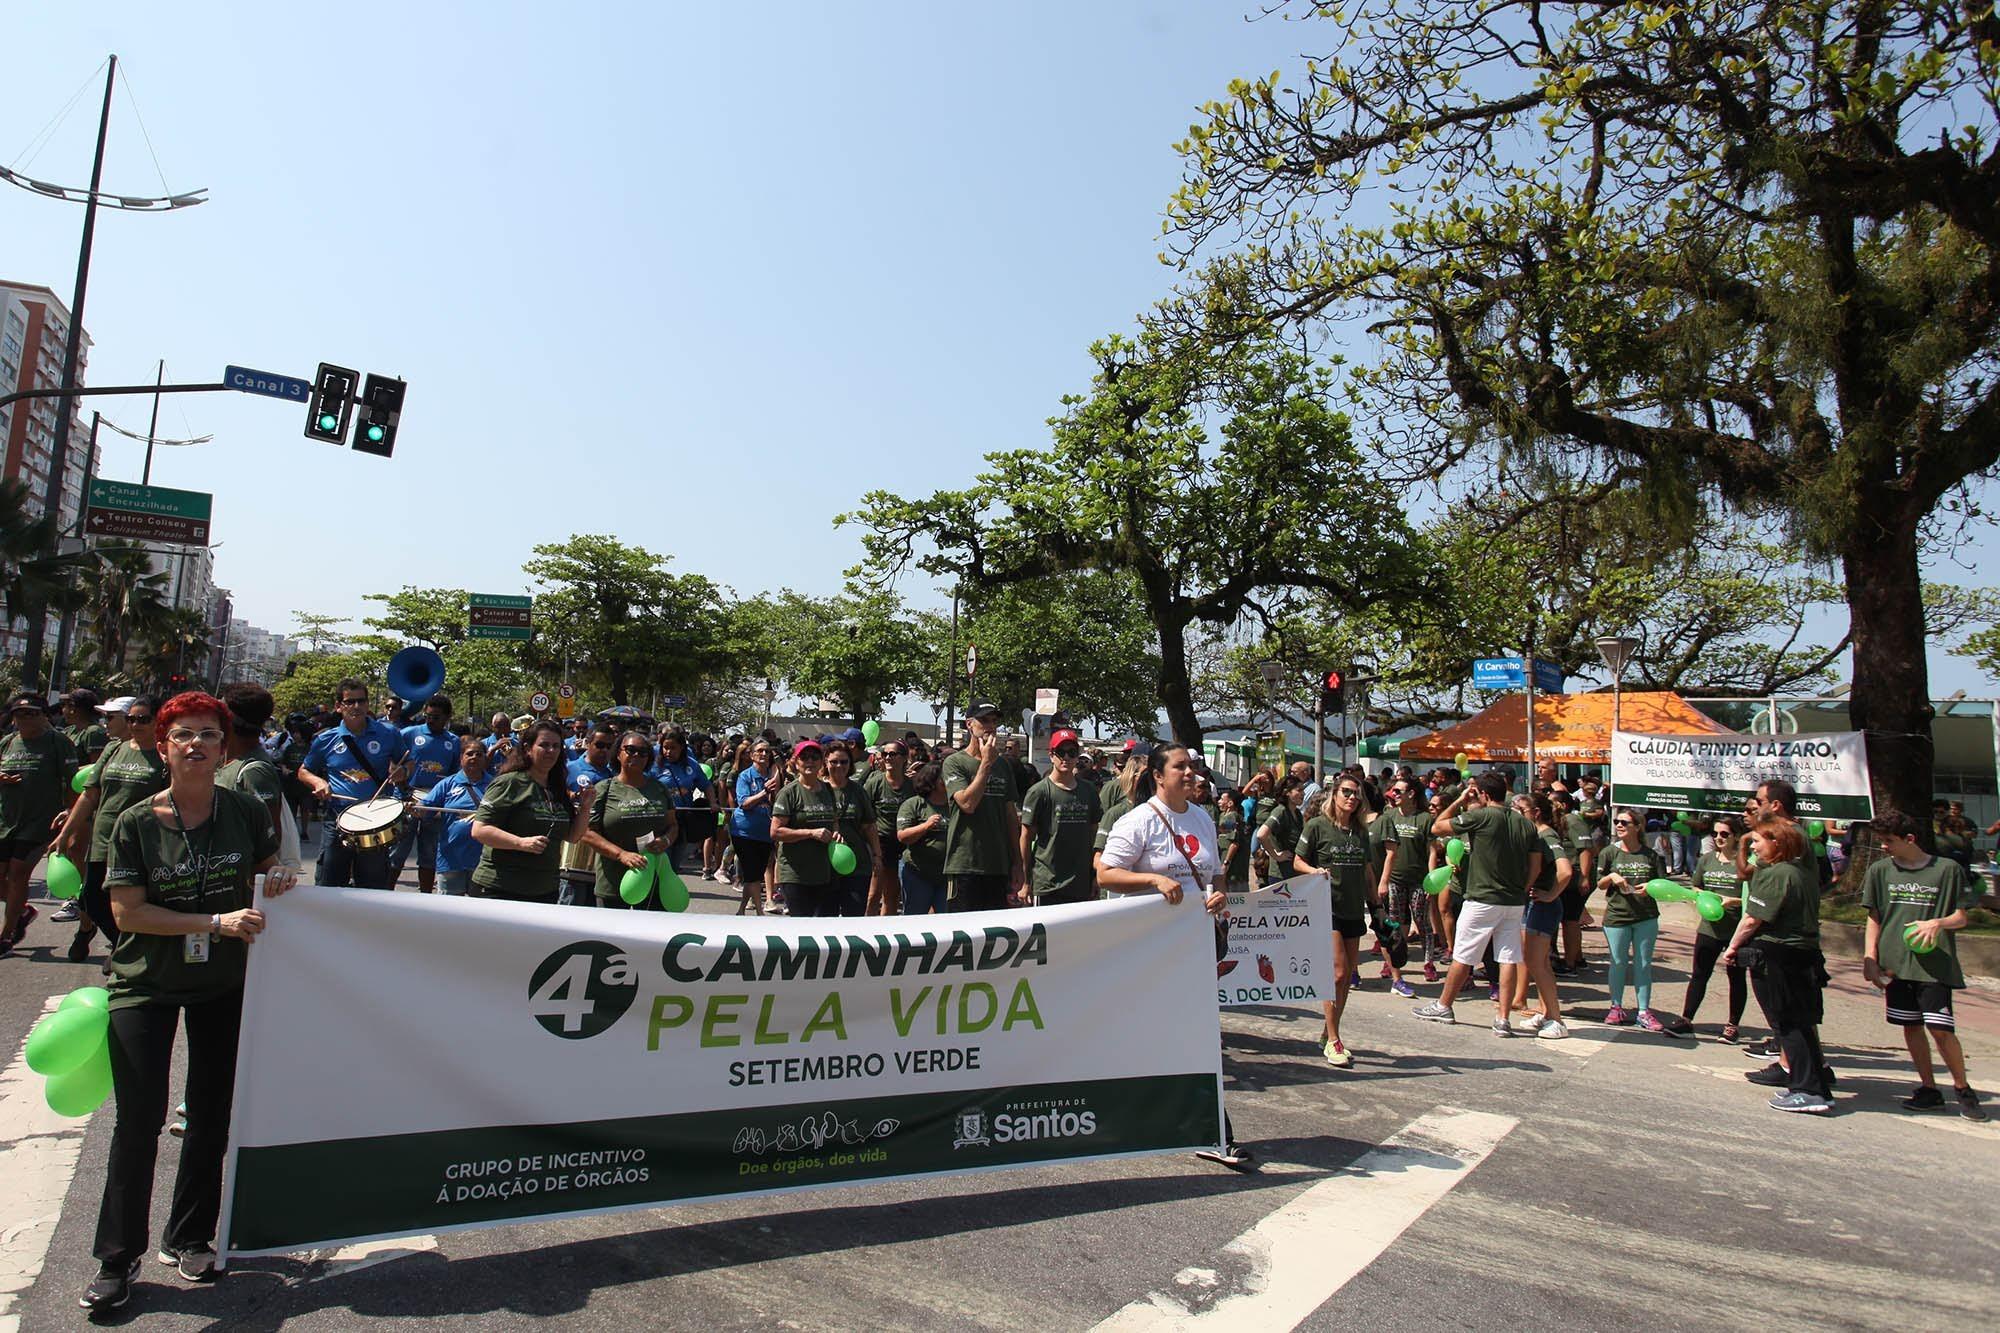 Caminhada em prol da doação de órgãos movimenta orla de Santos - Notícias - Plantão Diário